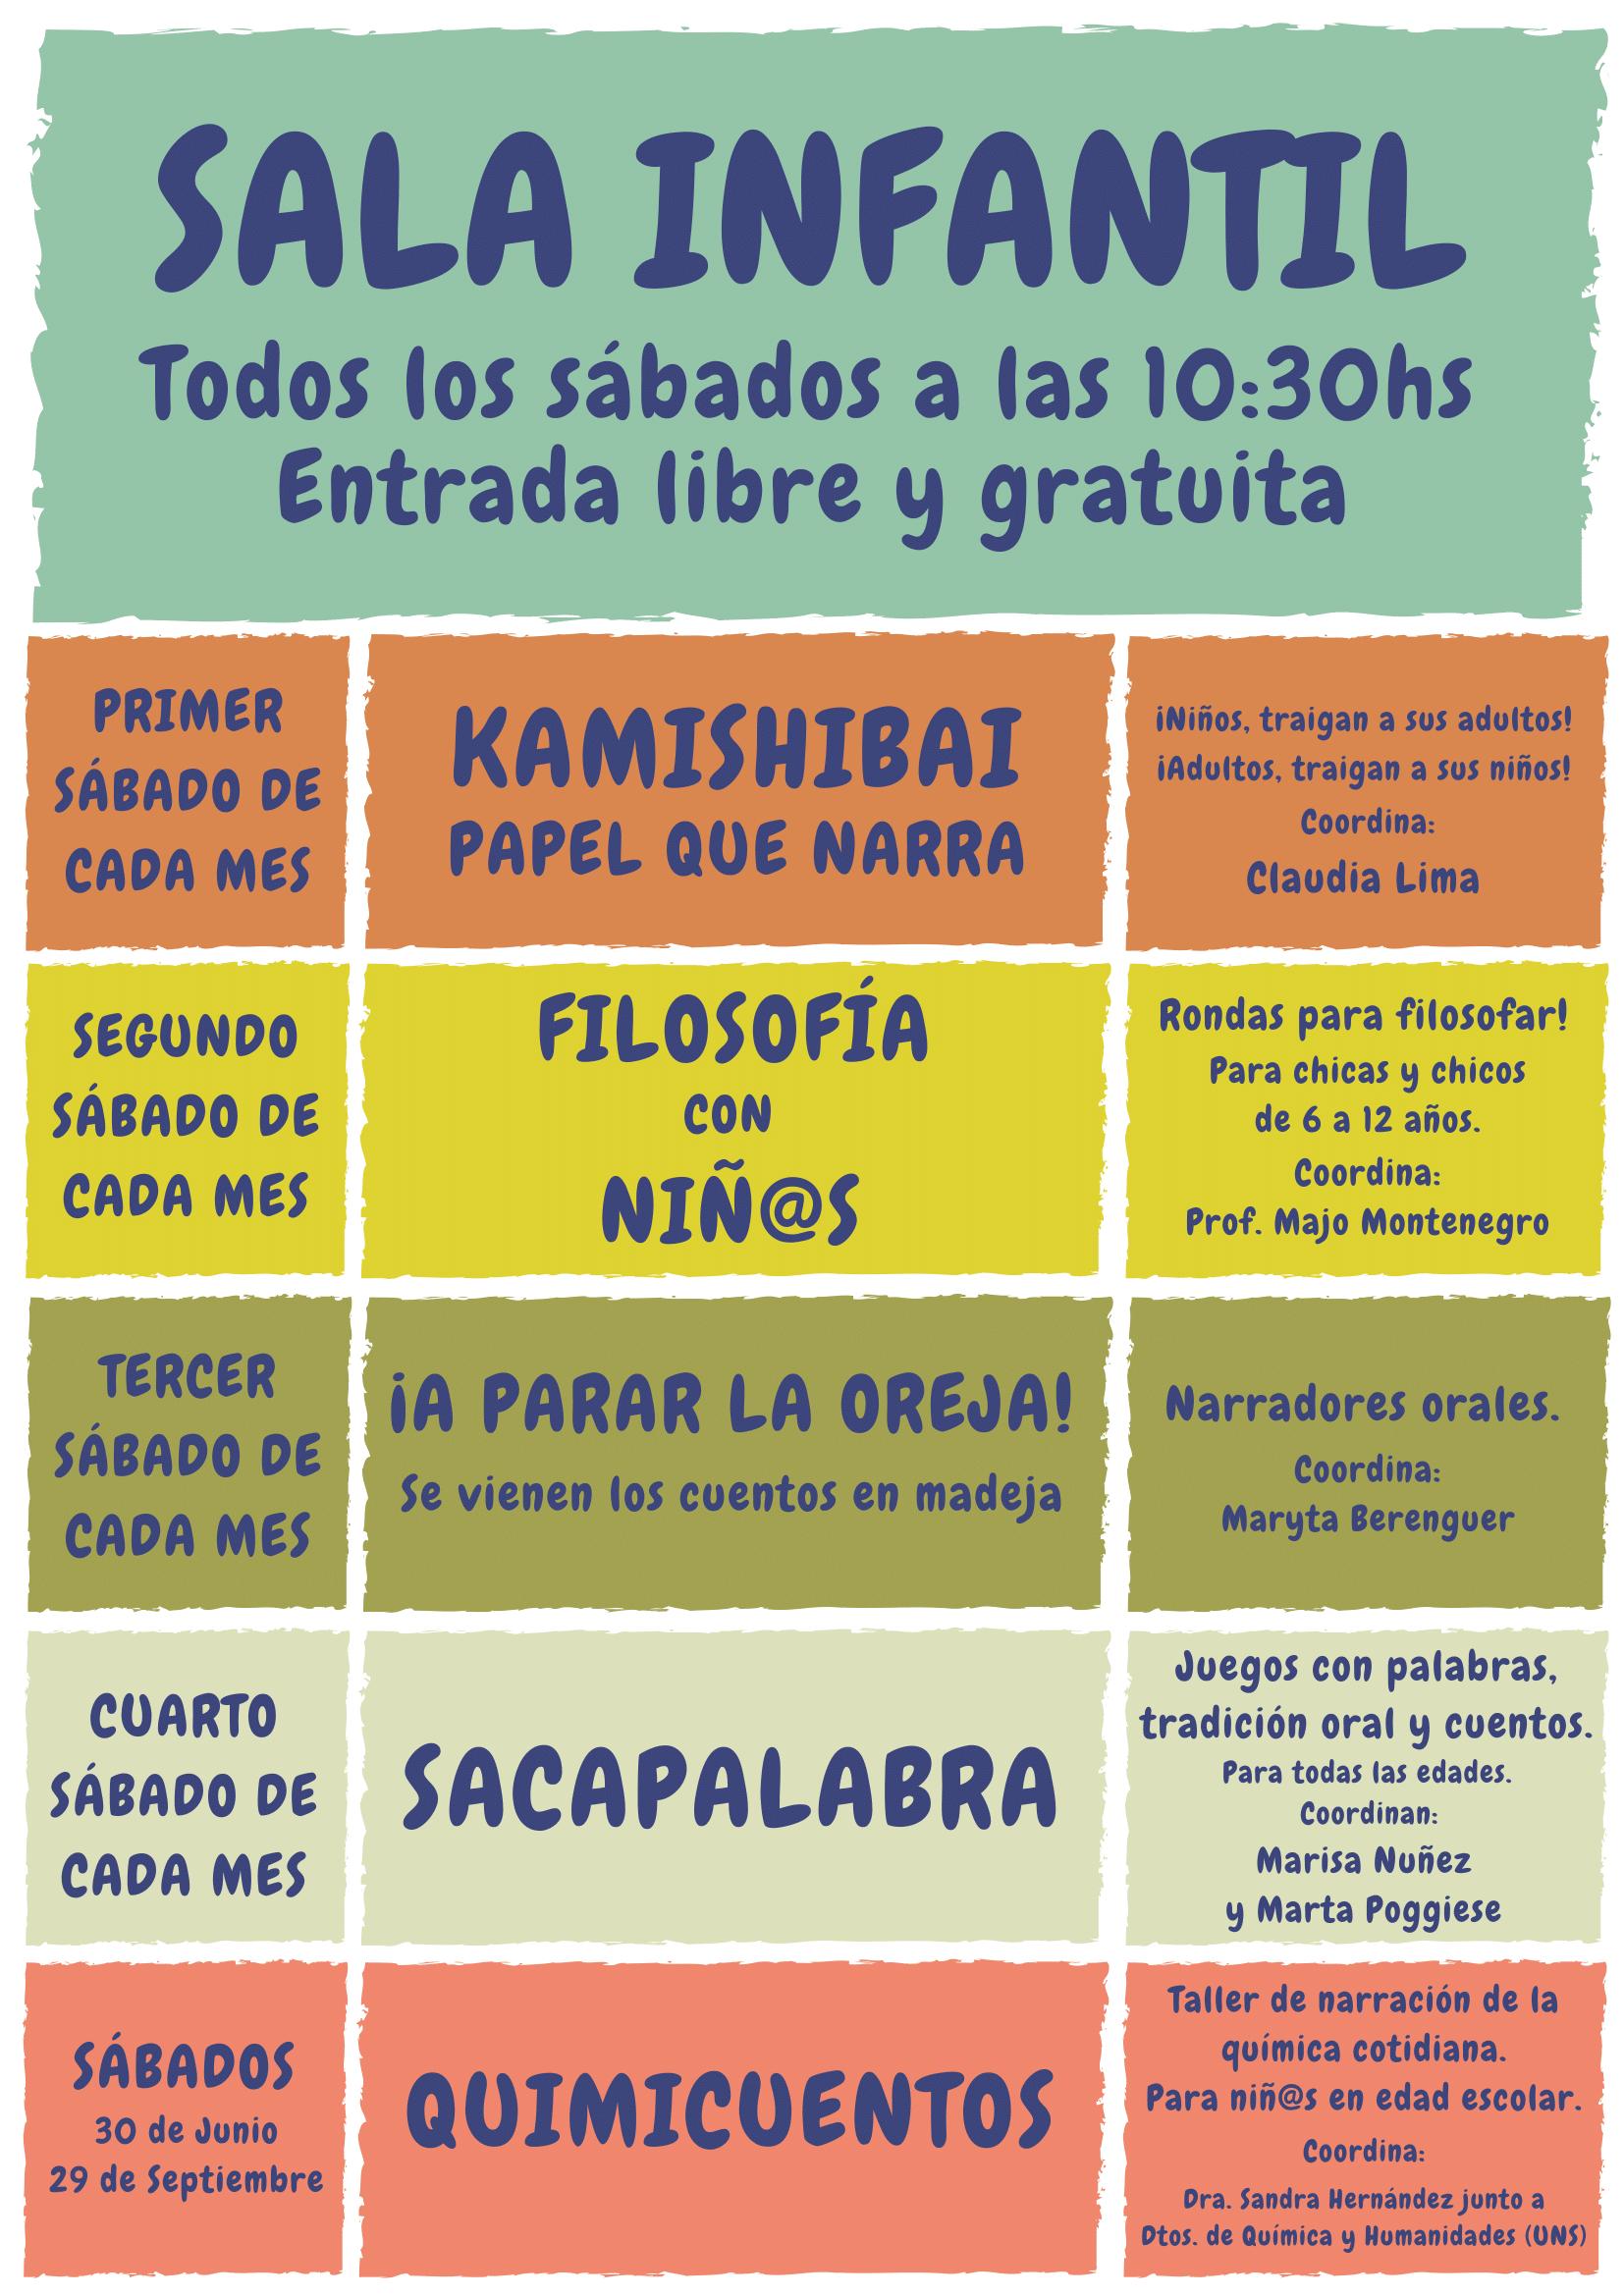 Asociaci N Bernardino Rivadavia Biblioteca Popular # Muebles Bahia Blanca Calle Sarmiento